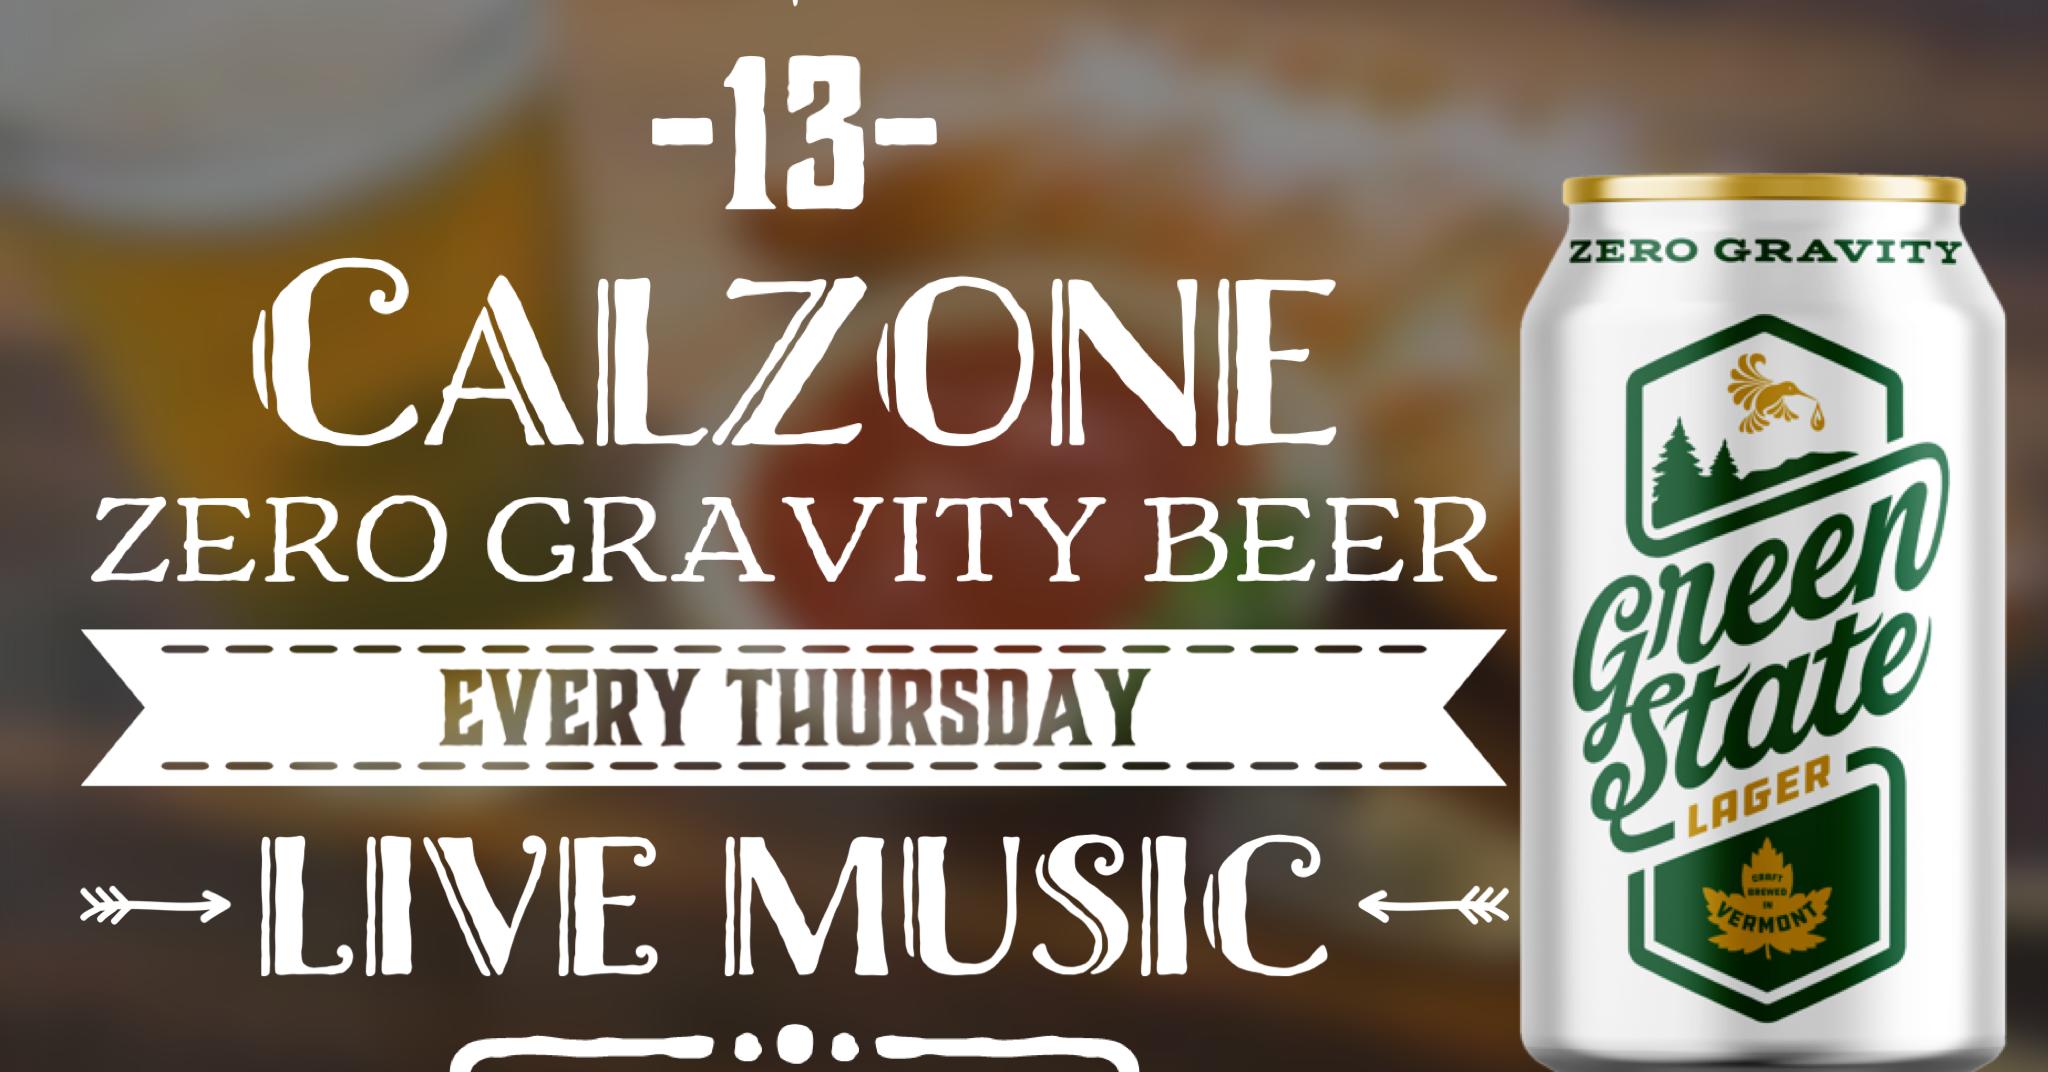 Calzone & Zero Gravity -13-